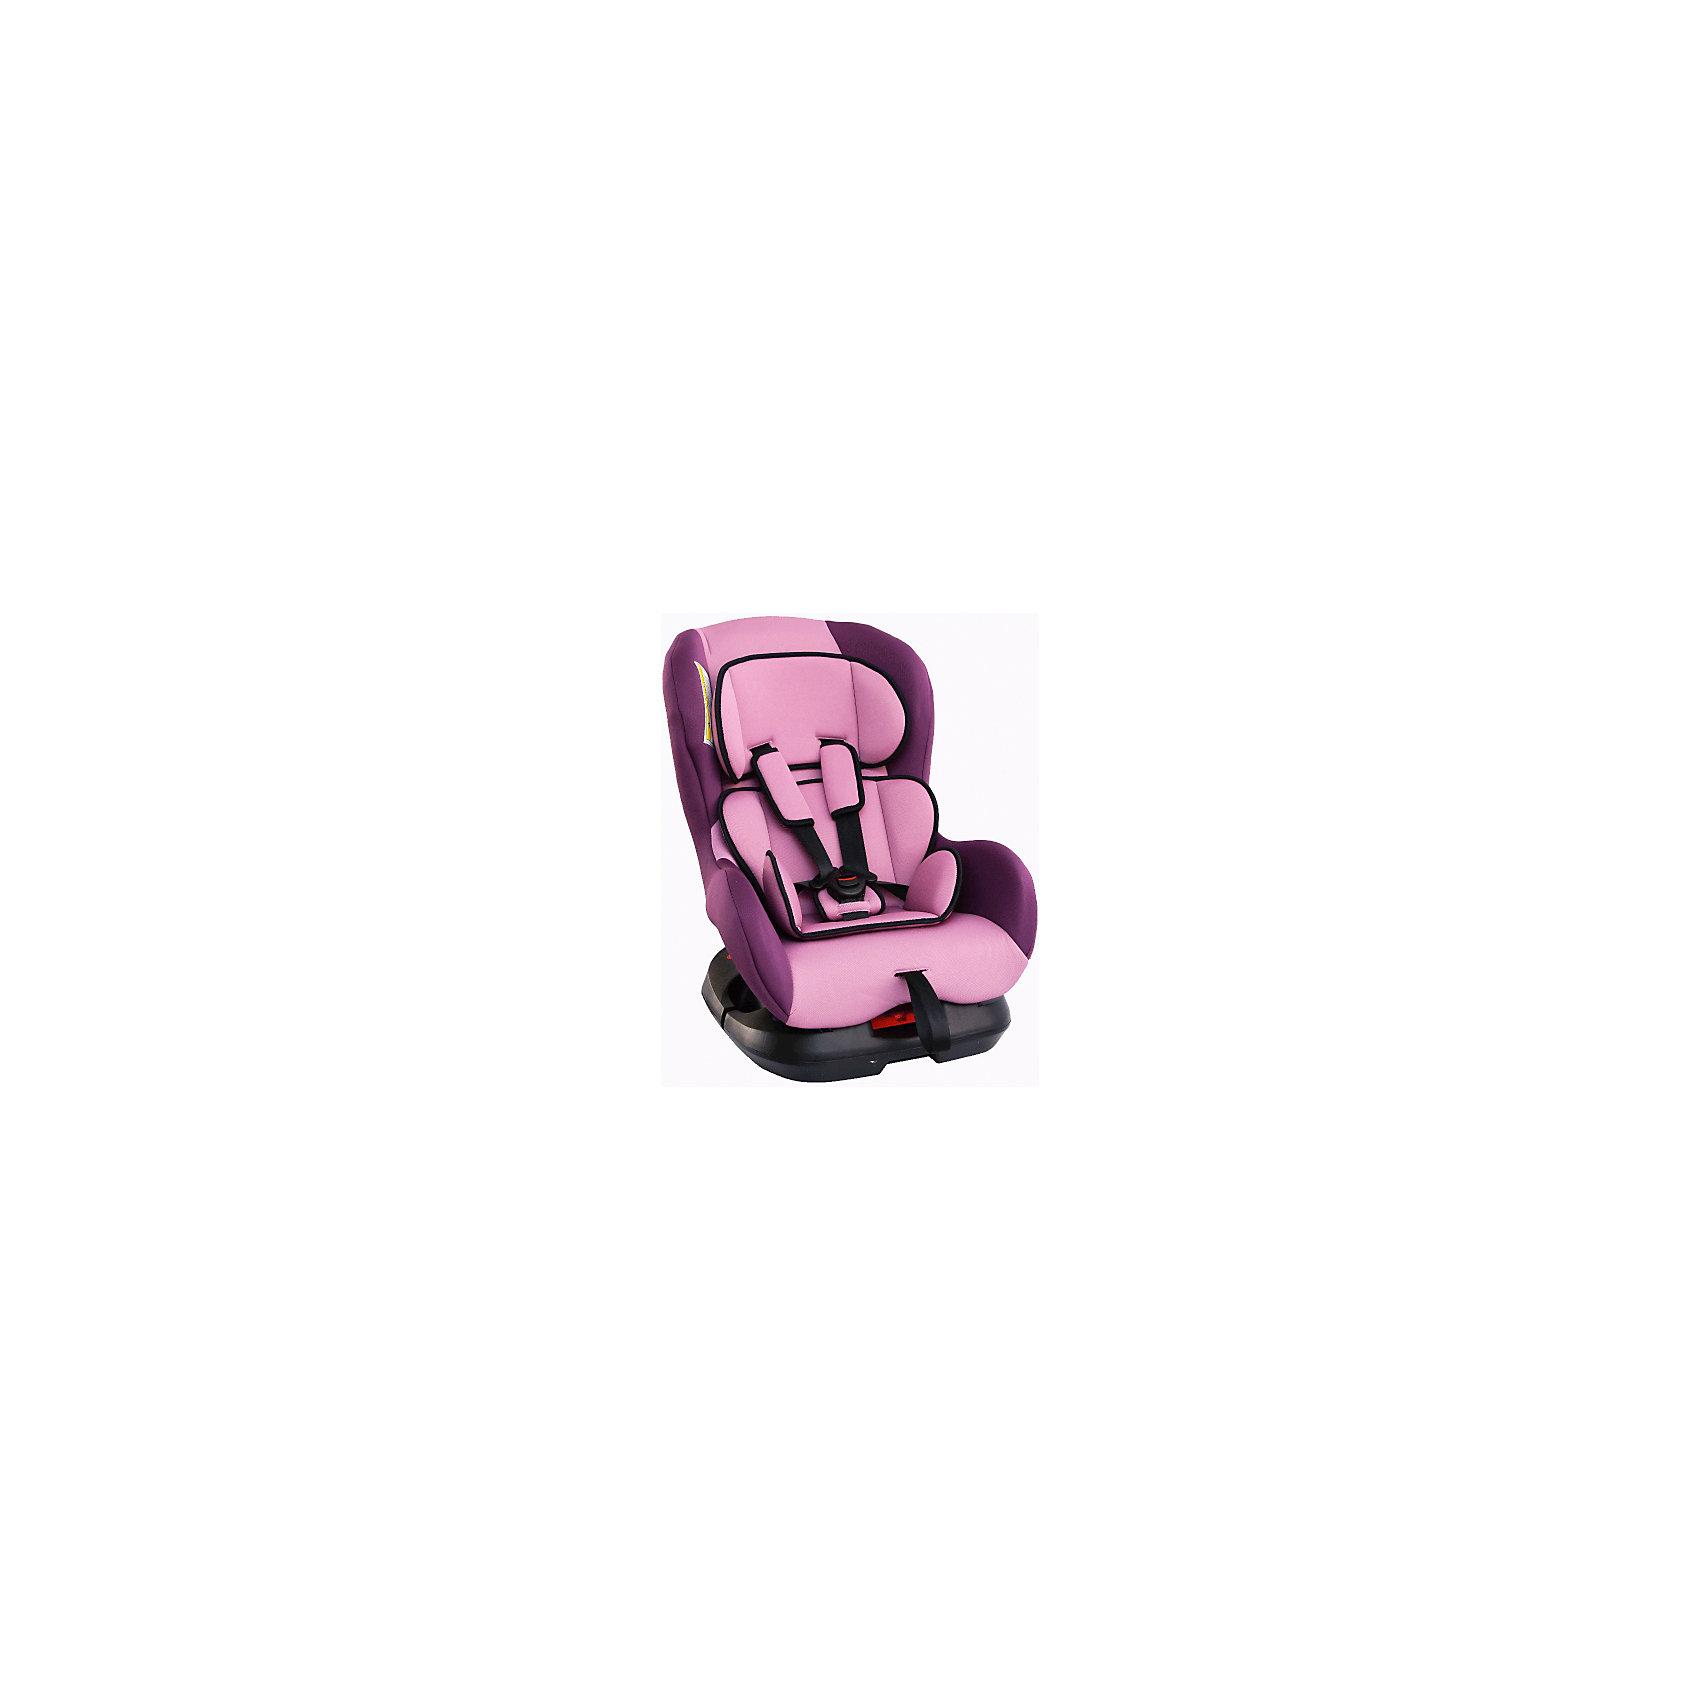 Автокресло Siger Наутилиус 0-18 кг, фиолетовыйГруппа 0+, 1 (До 18 кг)<br>Яркое и стильное детское кресло Siger Nautilus позаботится о безопасности Вашего малыша во время поездки. Кресло легко и удобно крепится с помощью штатных ремней безопасности. Регулируемая спинка и удобная форма подголовника создаст максимальный комфорт для ребенка. Чехол состоит из мягкой ткани, которая легко поддается чистке.<br><br>Дополнительная информация:<br><br>- Материал: текстиль, пластик, металл.<br>- Размер: 62x62x45 см<br>- Возраст: от 0 месяцев до 4 лет<br>- Группа: 0/1 (до 18 кг)<br>- Вес кресла: 7.1 кг<br>- Внутренние 5-точечные ремни безопасности<br>- 5 положений регулировки наклона кресла<br><br>Автокресло Наутилиус 0-18 кг., Siger, фиолетовый можно купить в нашем интернет-магазине.<br><br>Ширина мм: 620<br>Глубина мм: 450<br>Высота мм: 620<br>Вес г: 5800<br>Возраст от месяцев: 0<br>Возраст до месяцев: 48<br>Пол: Унисекс<br>Возраст: Детский<br>SKU: 4809118